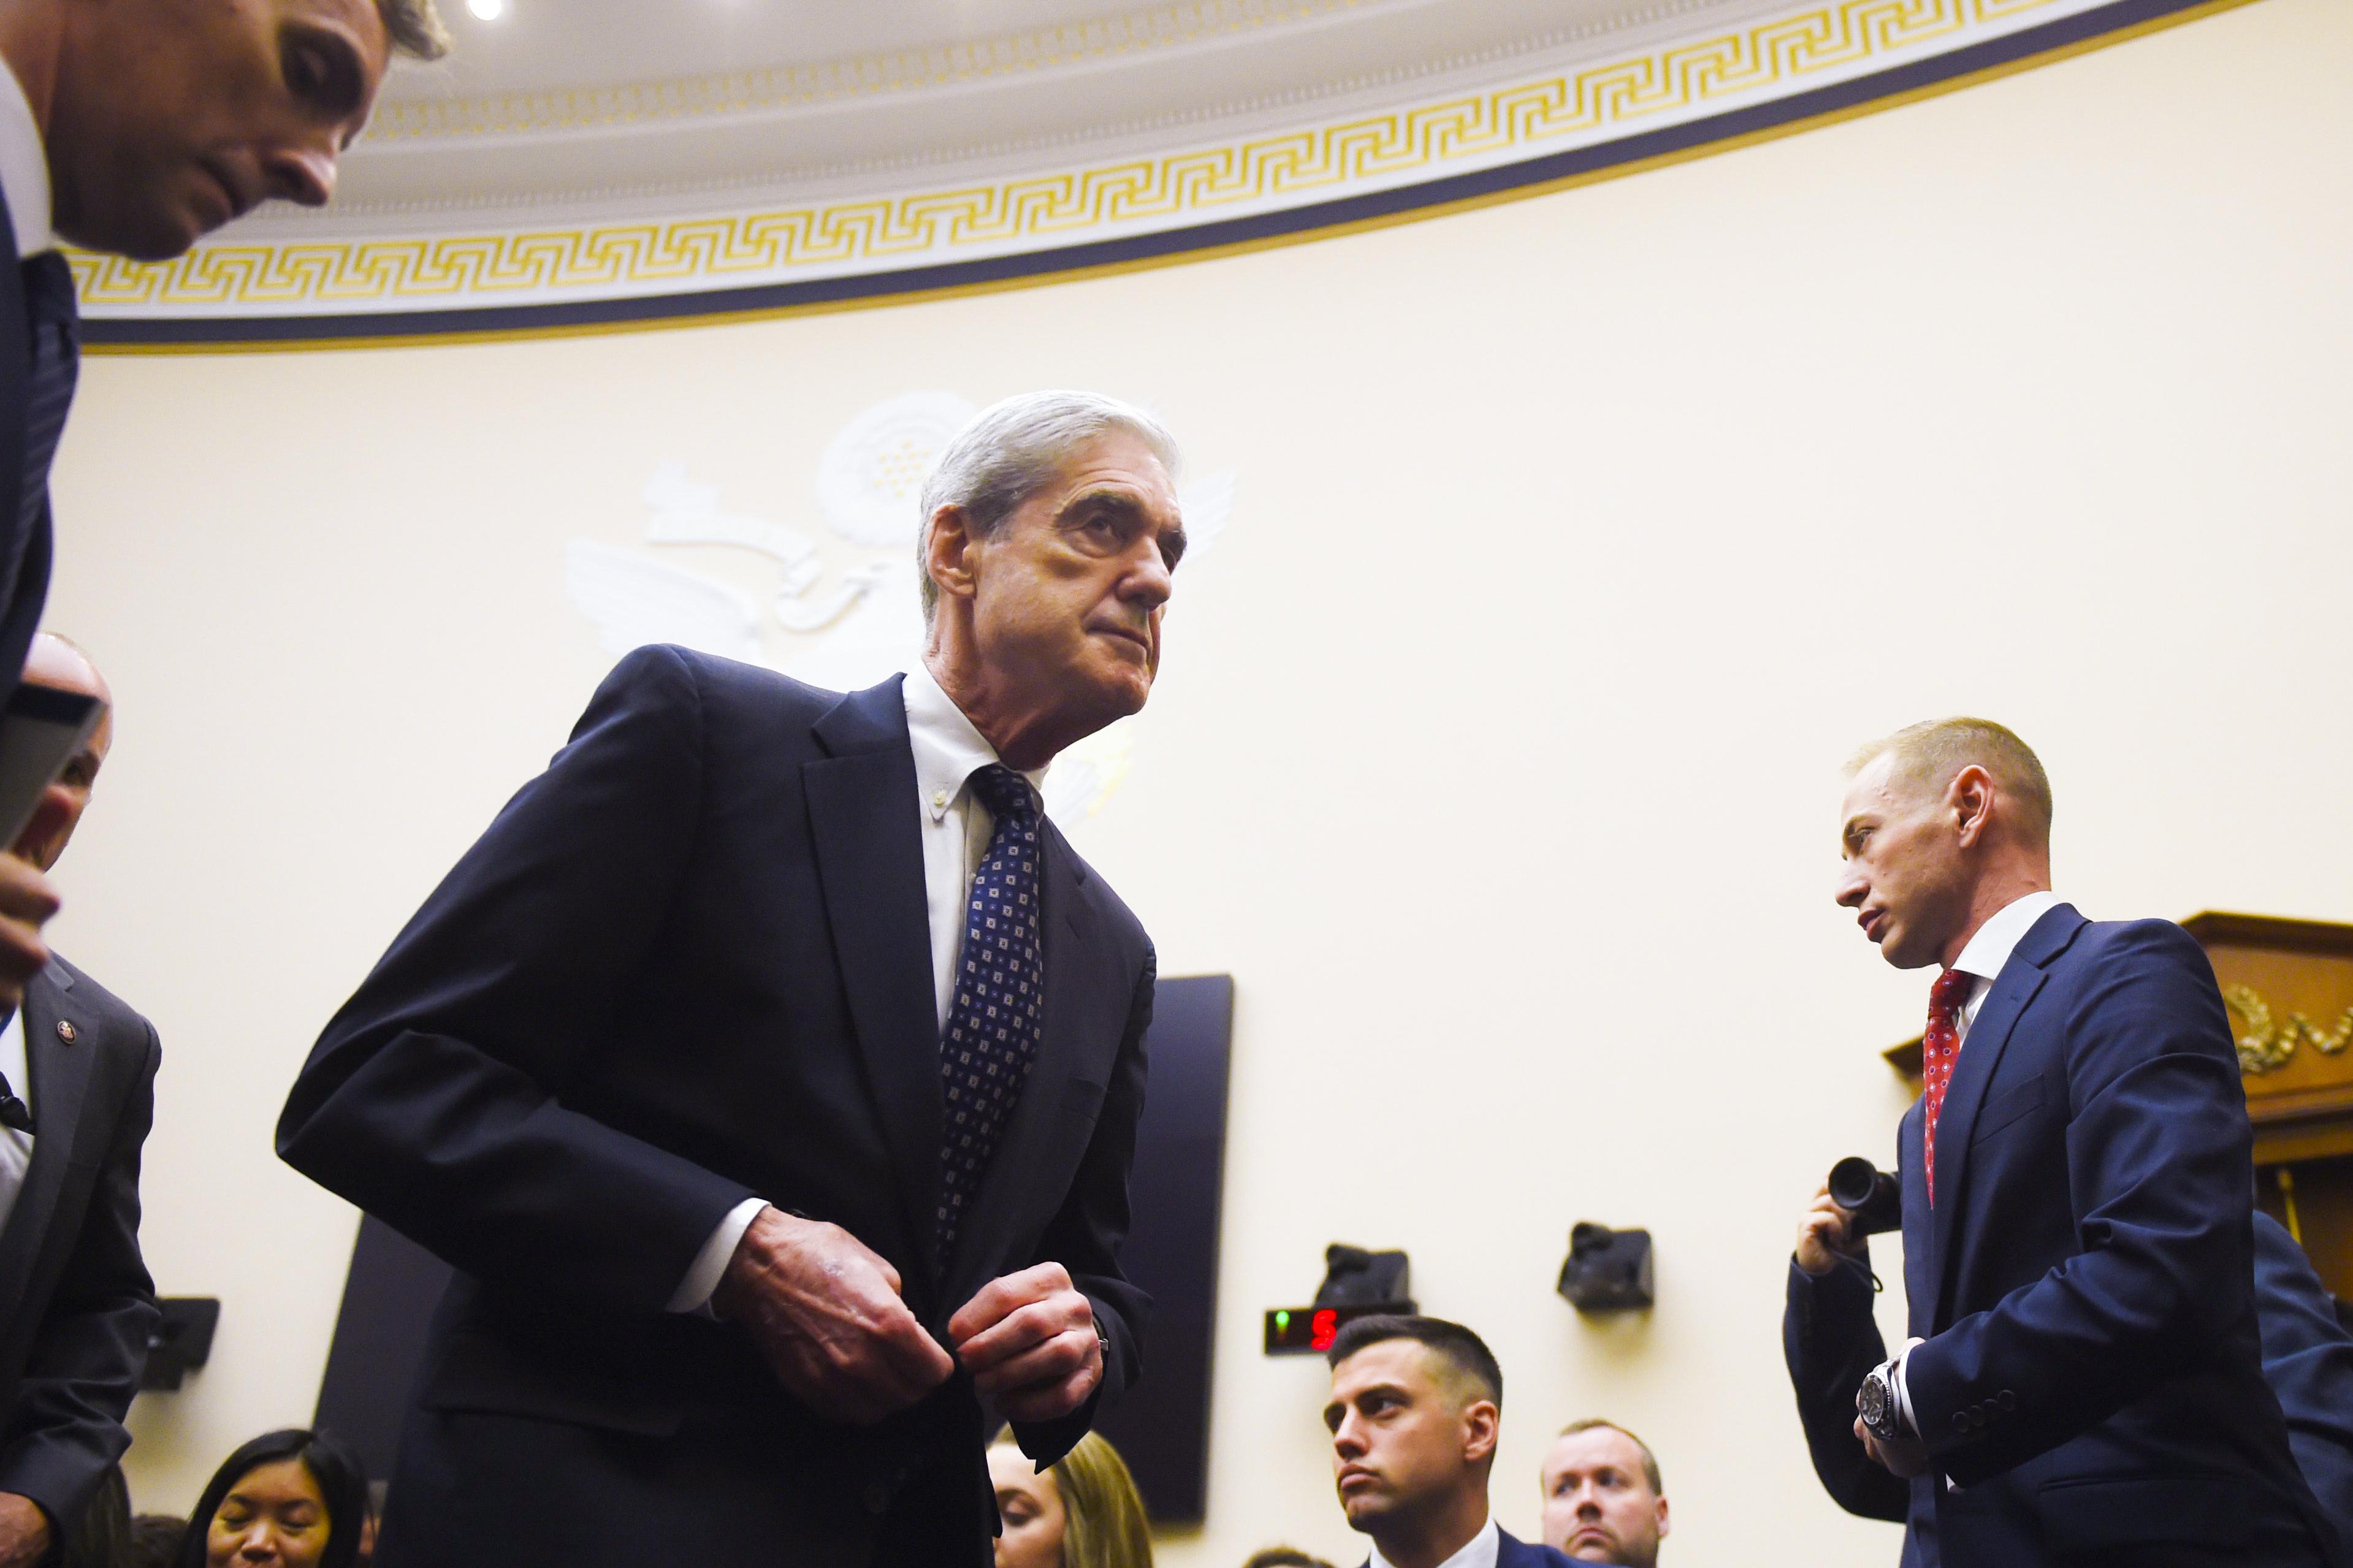 4 takeaways from Robert Mueller's testimony